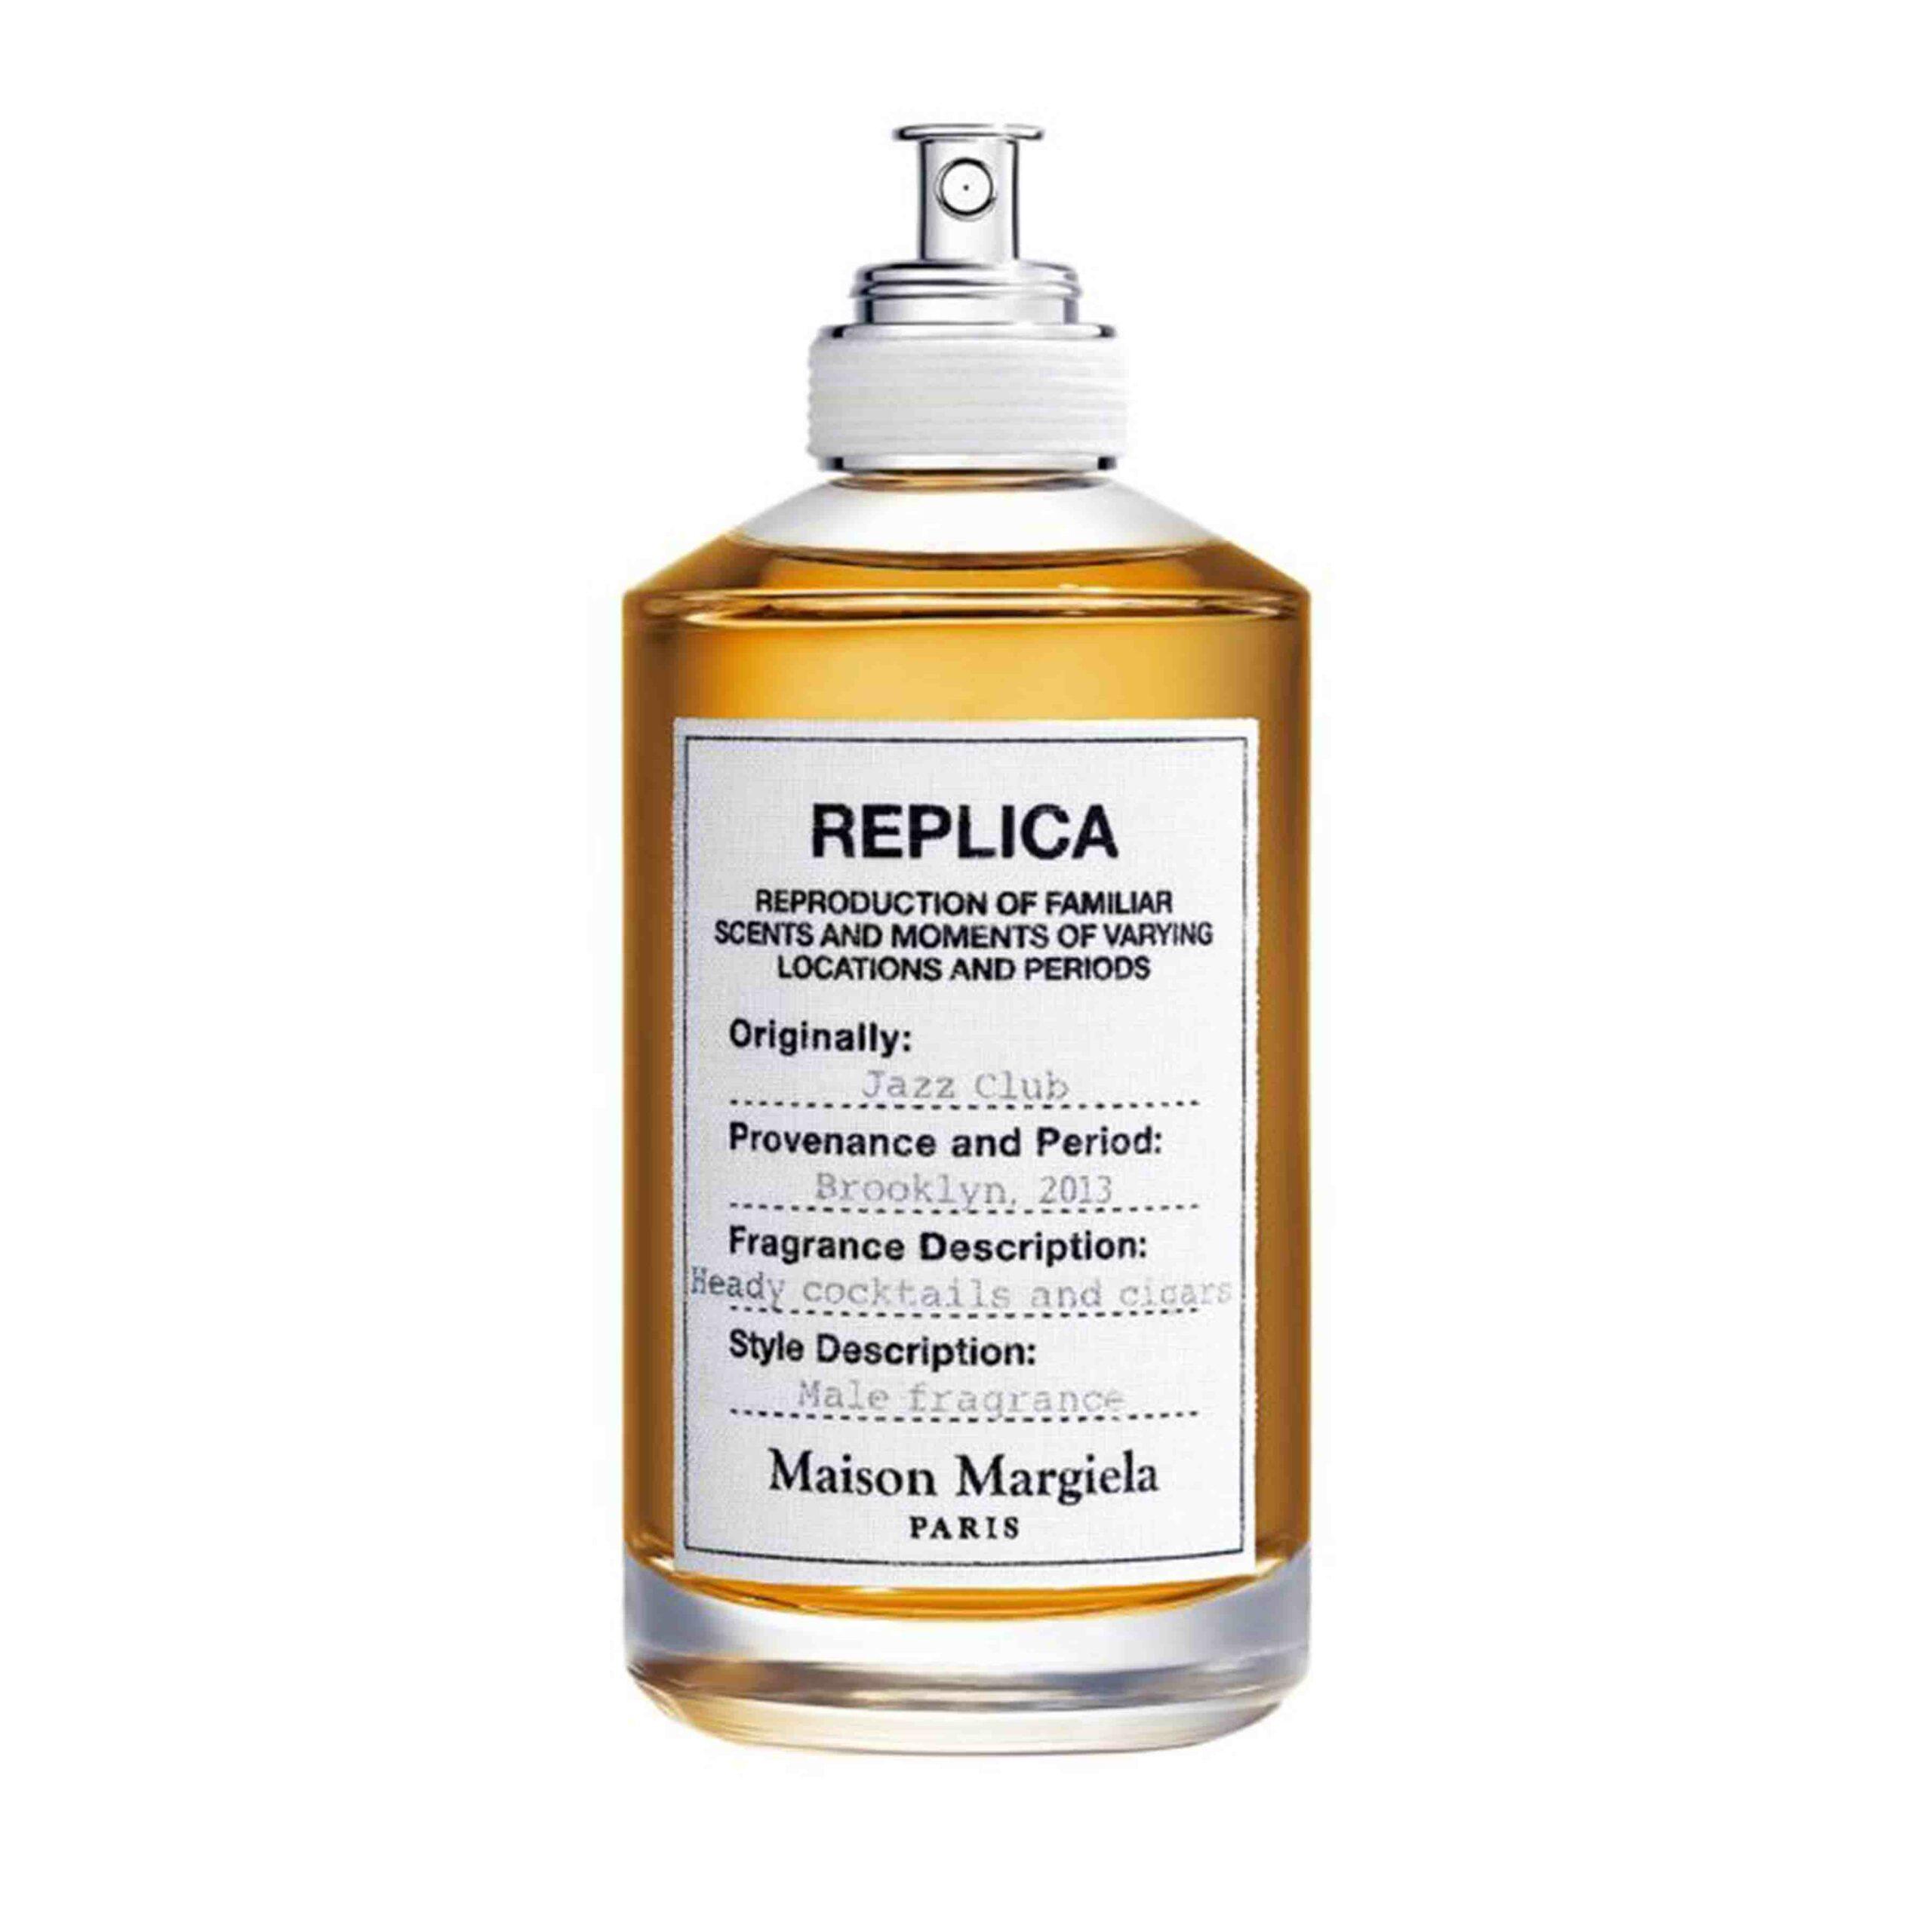 Die besten Parfums für Männer 2021: Maison Margiela Replica - Jazz Club